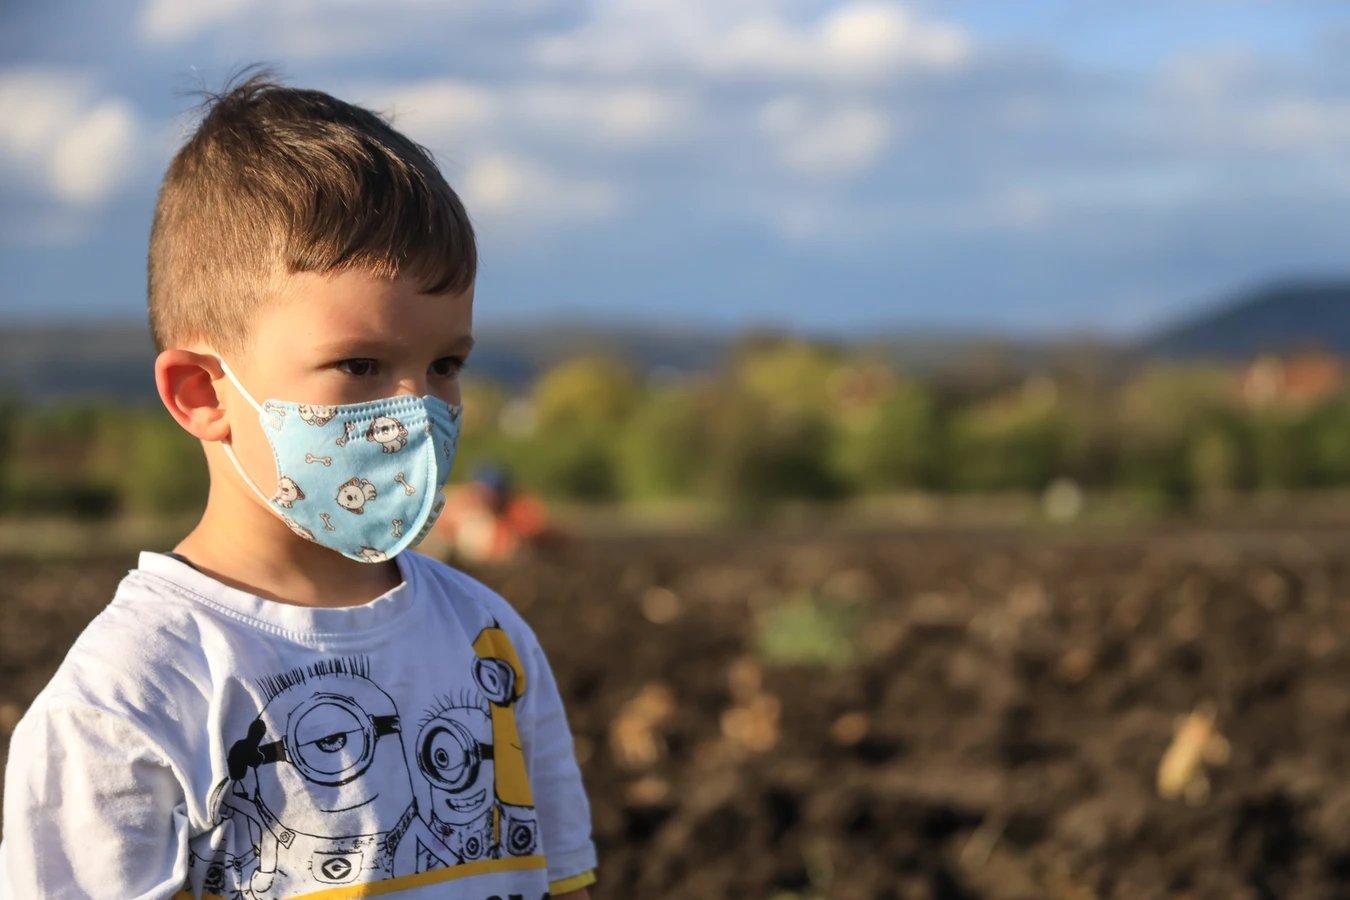 mascara em criança